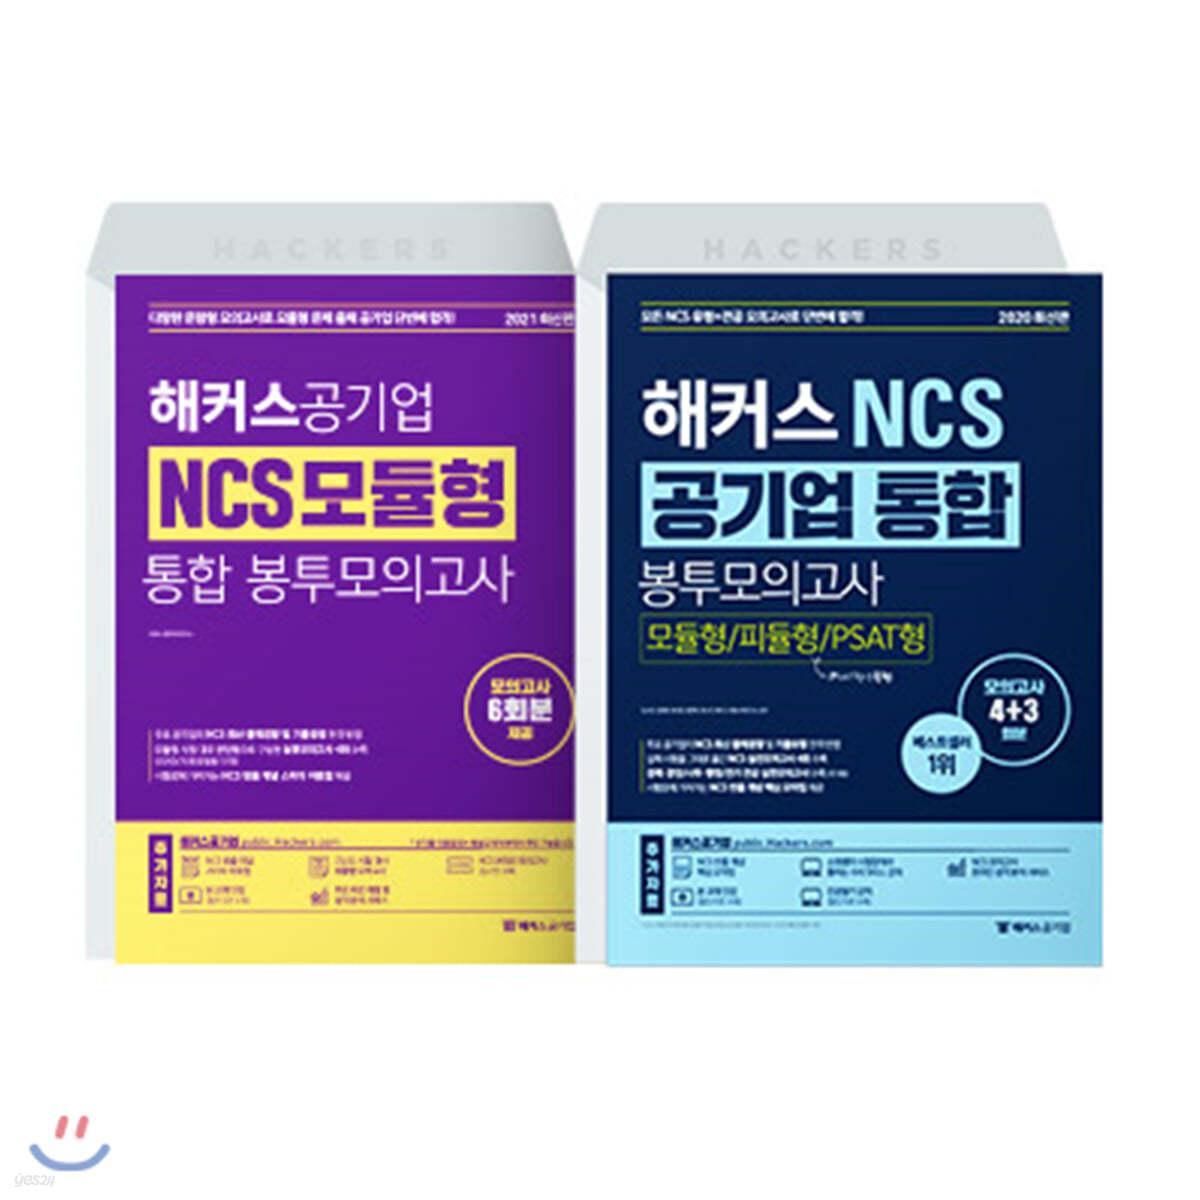 해커스 NCS 시험 직전 NCS 통합 봉투모의고사 세트